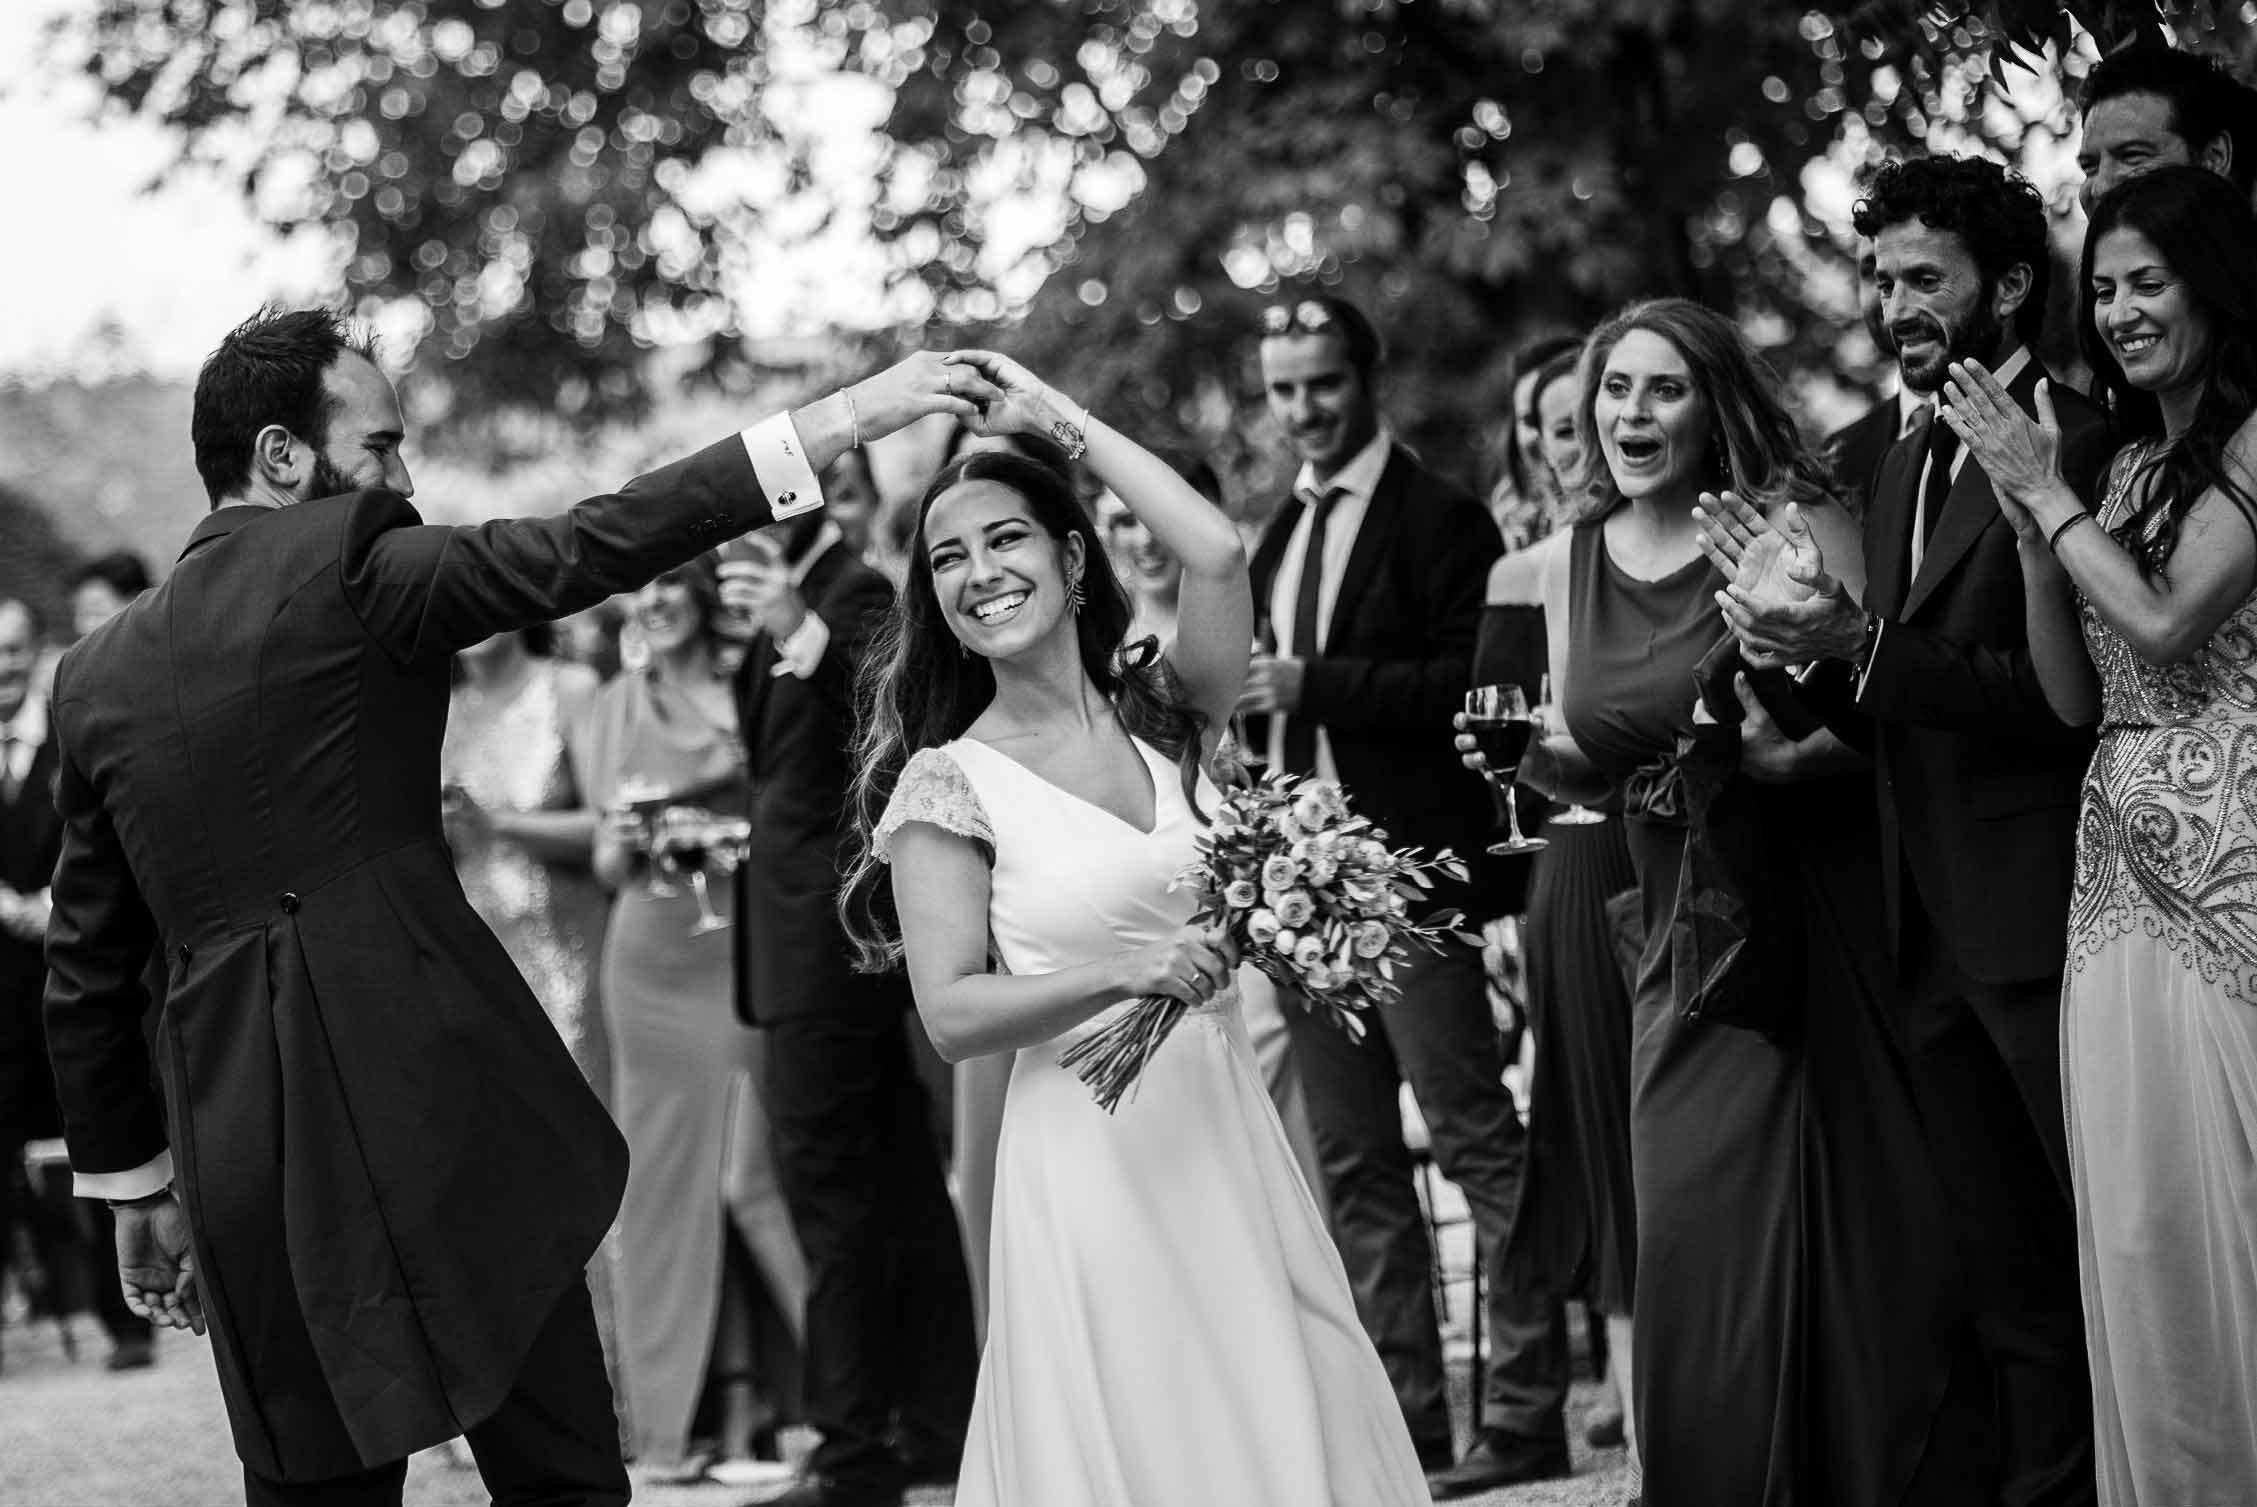 La boda de Arantxa y Javier en Madrid